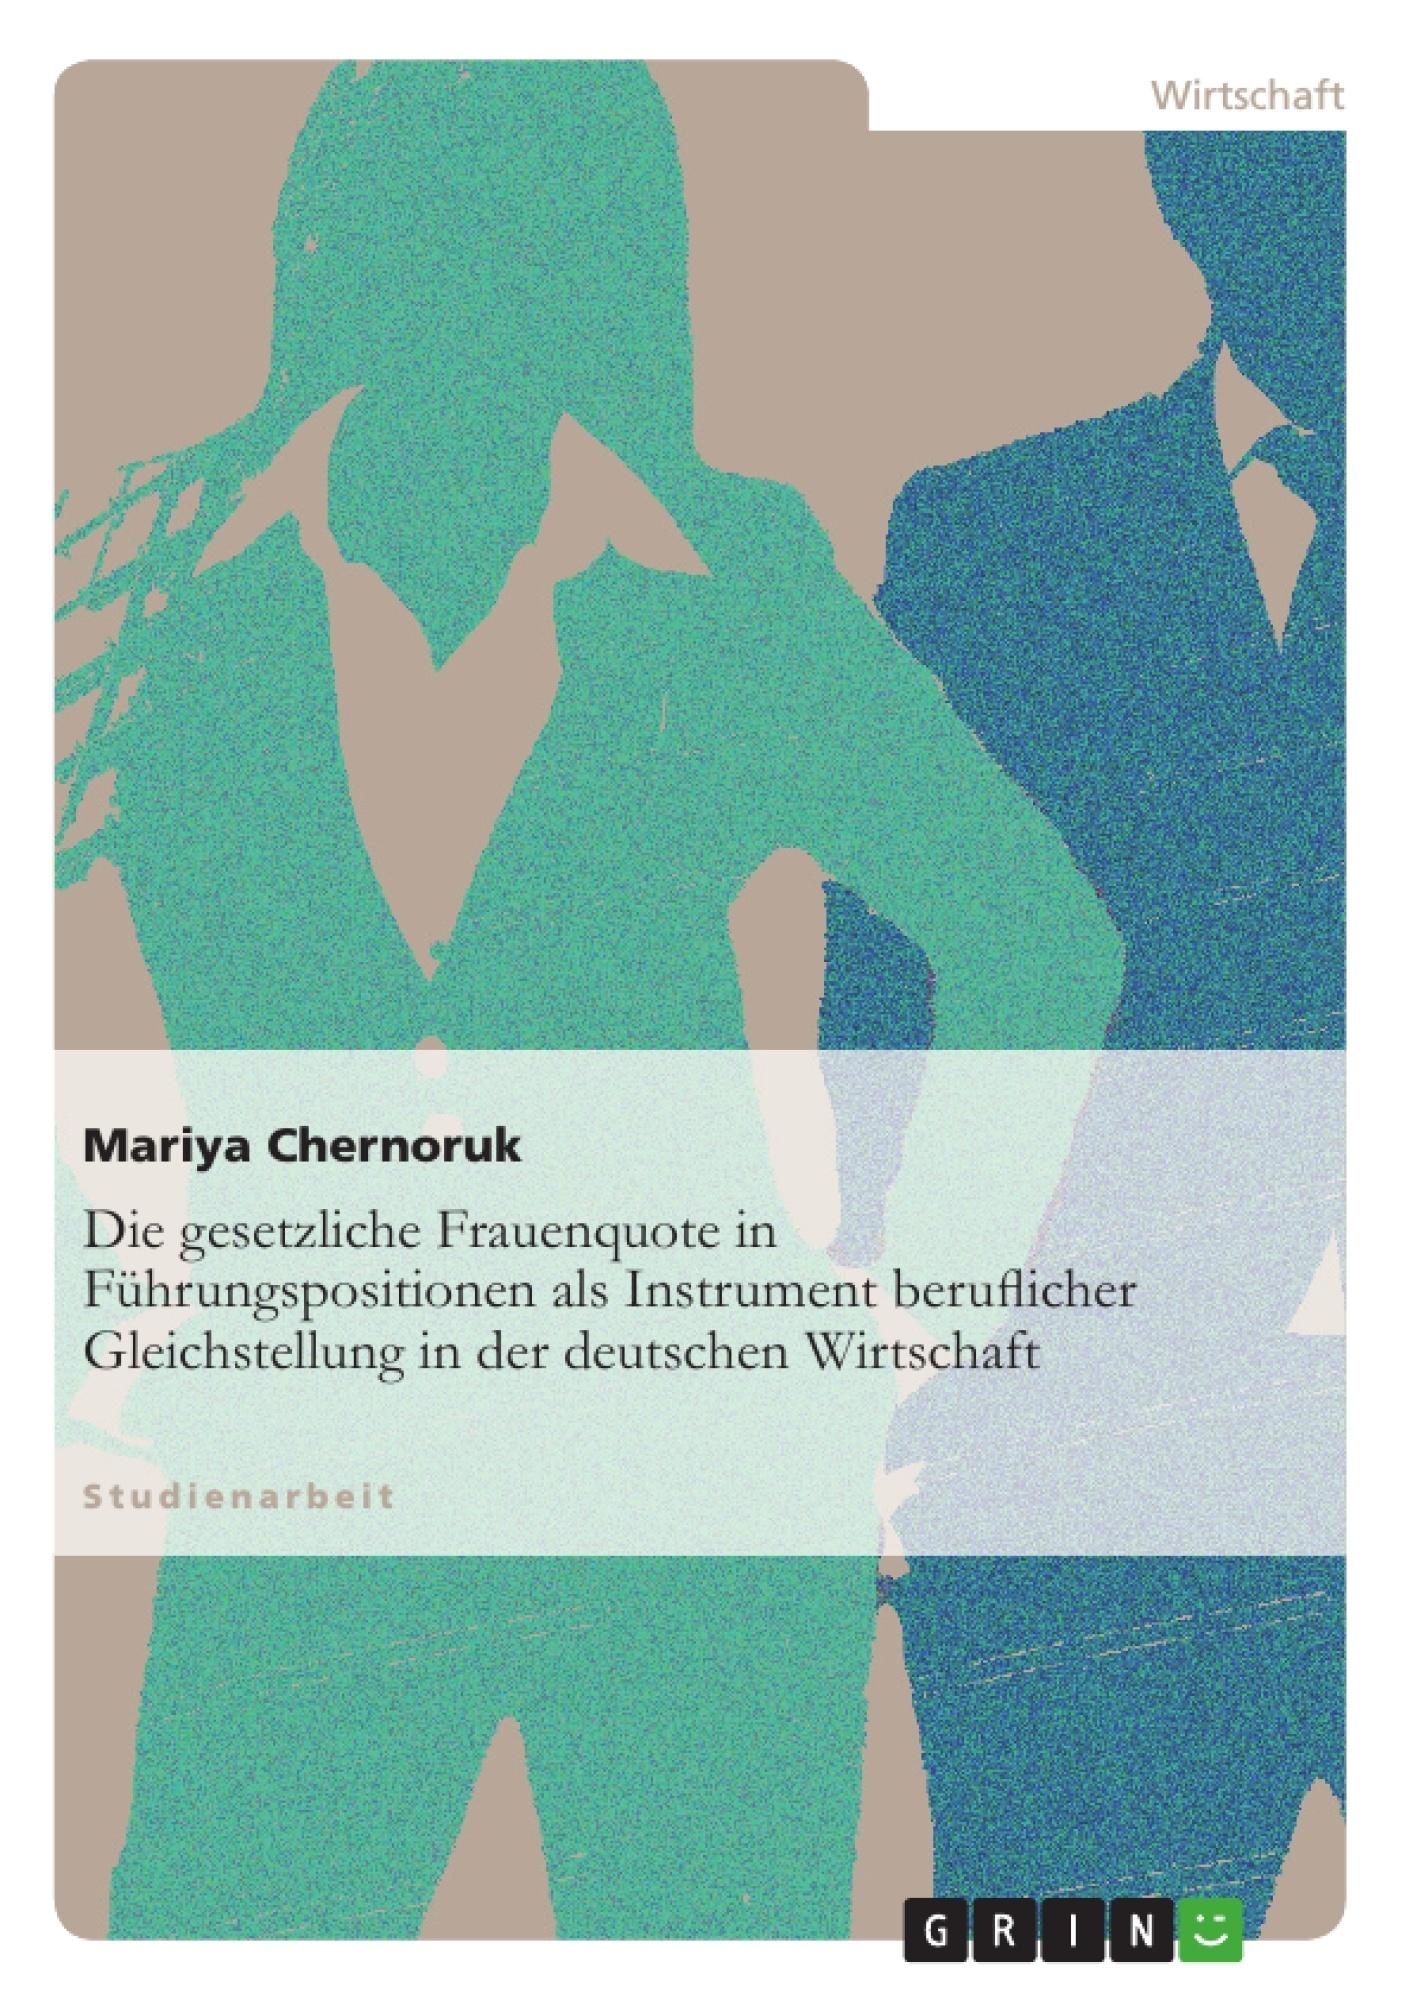 Titel: Die gesetzliche Frauenquote in Führungspositionen als Instrument beruflicher Gleichstellung in der deutschen Wirtschaft